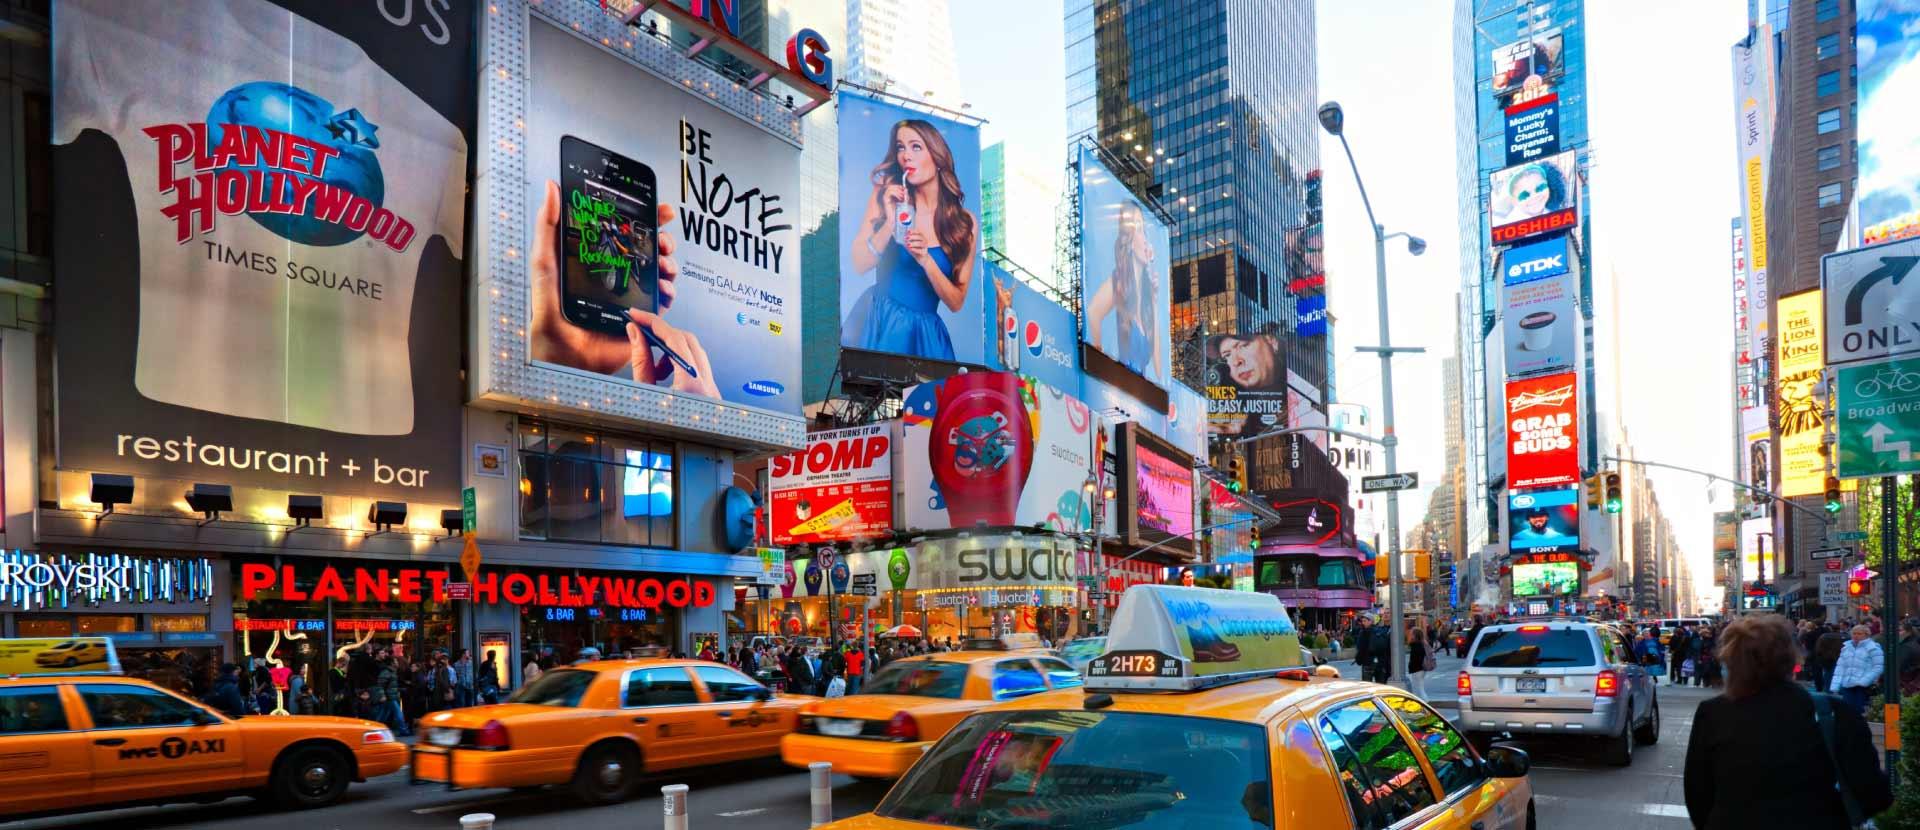 תמונת סליידר של ניו יורק